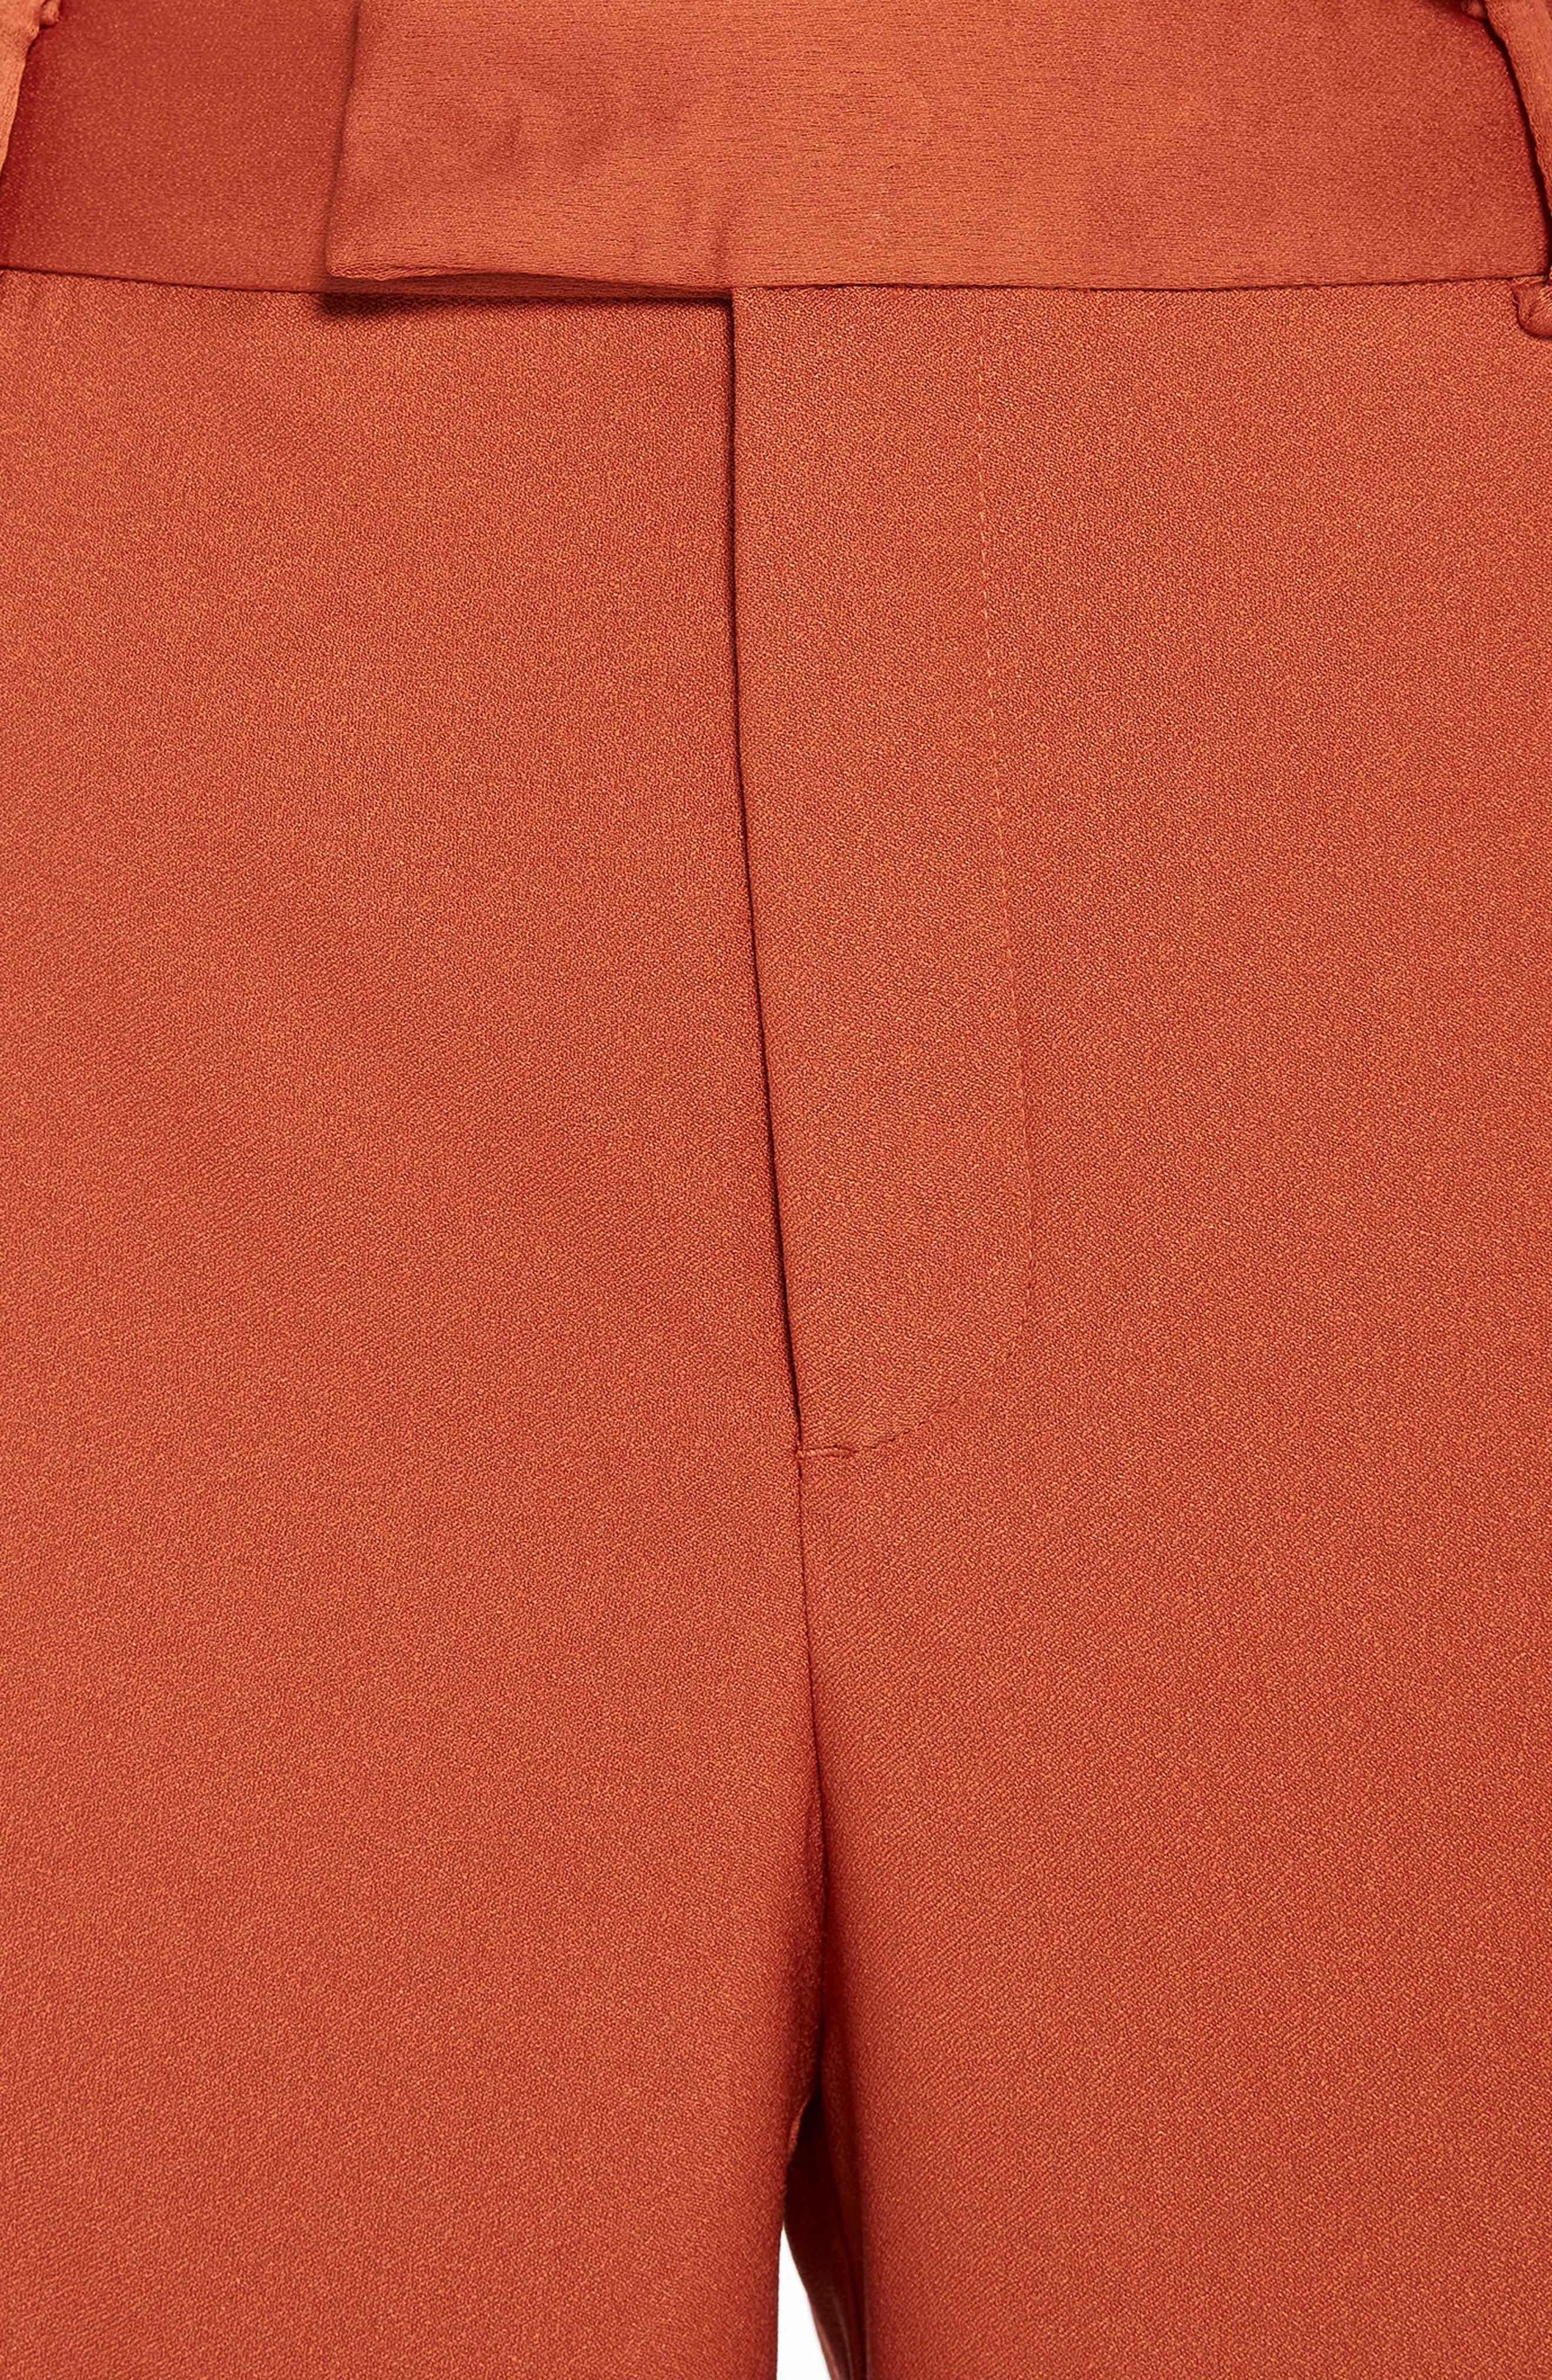 Wide Leg Pants,                             Alternate thumbnail 4, color,                             Color 2018 Tiger Orange